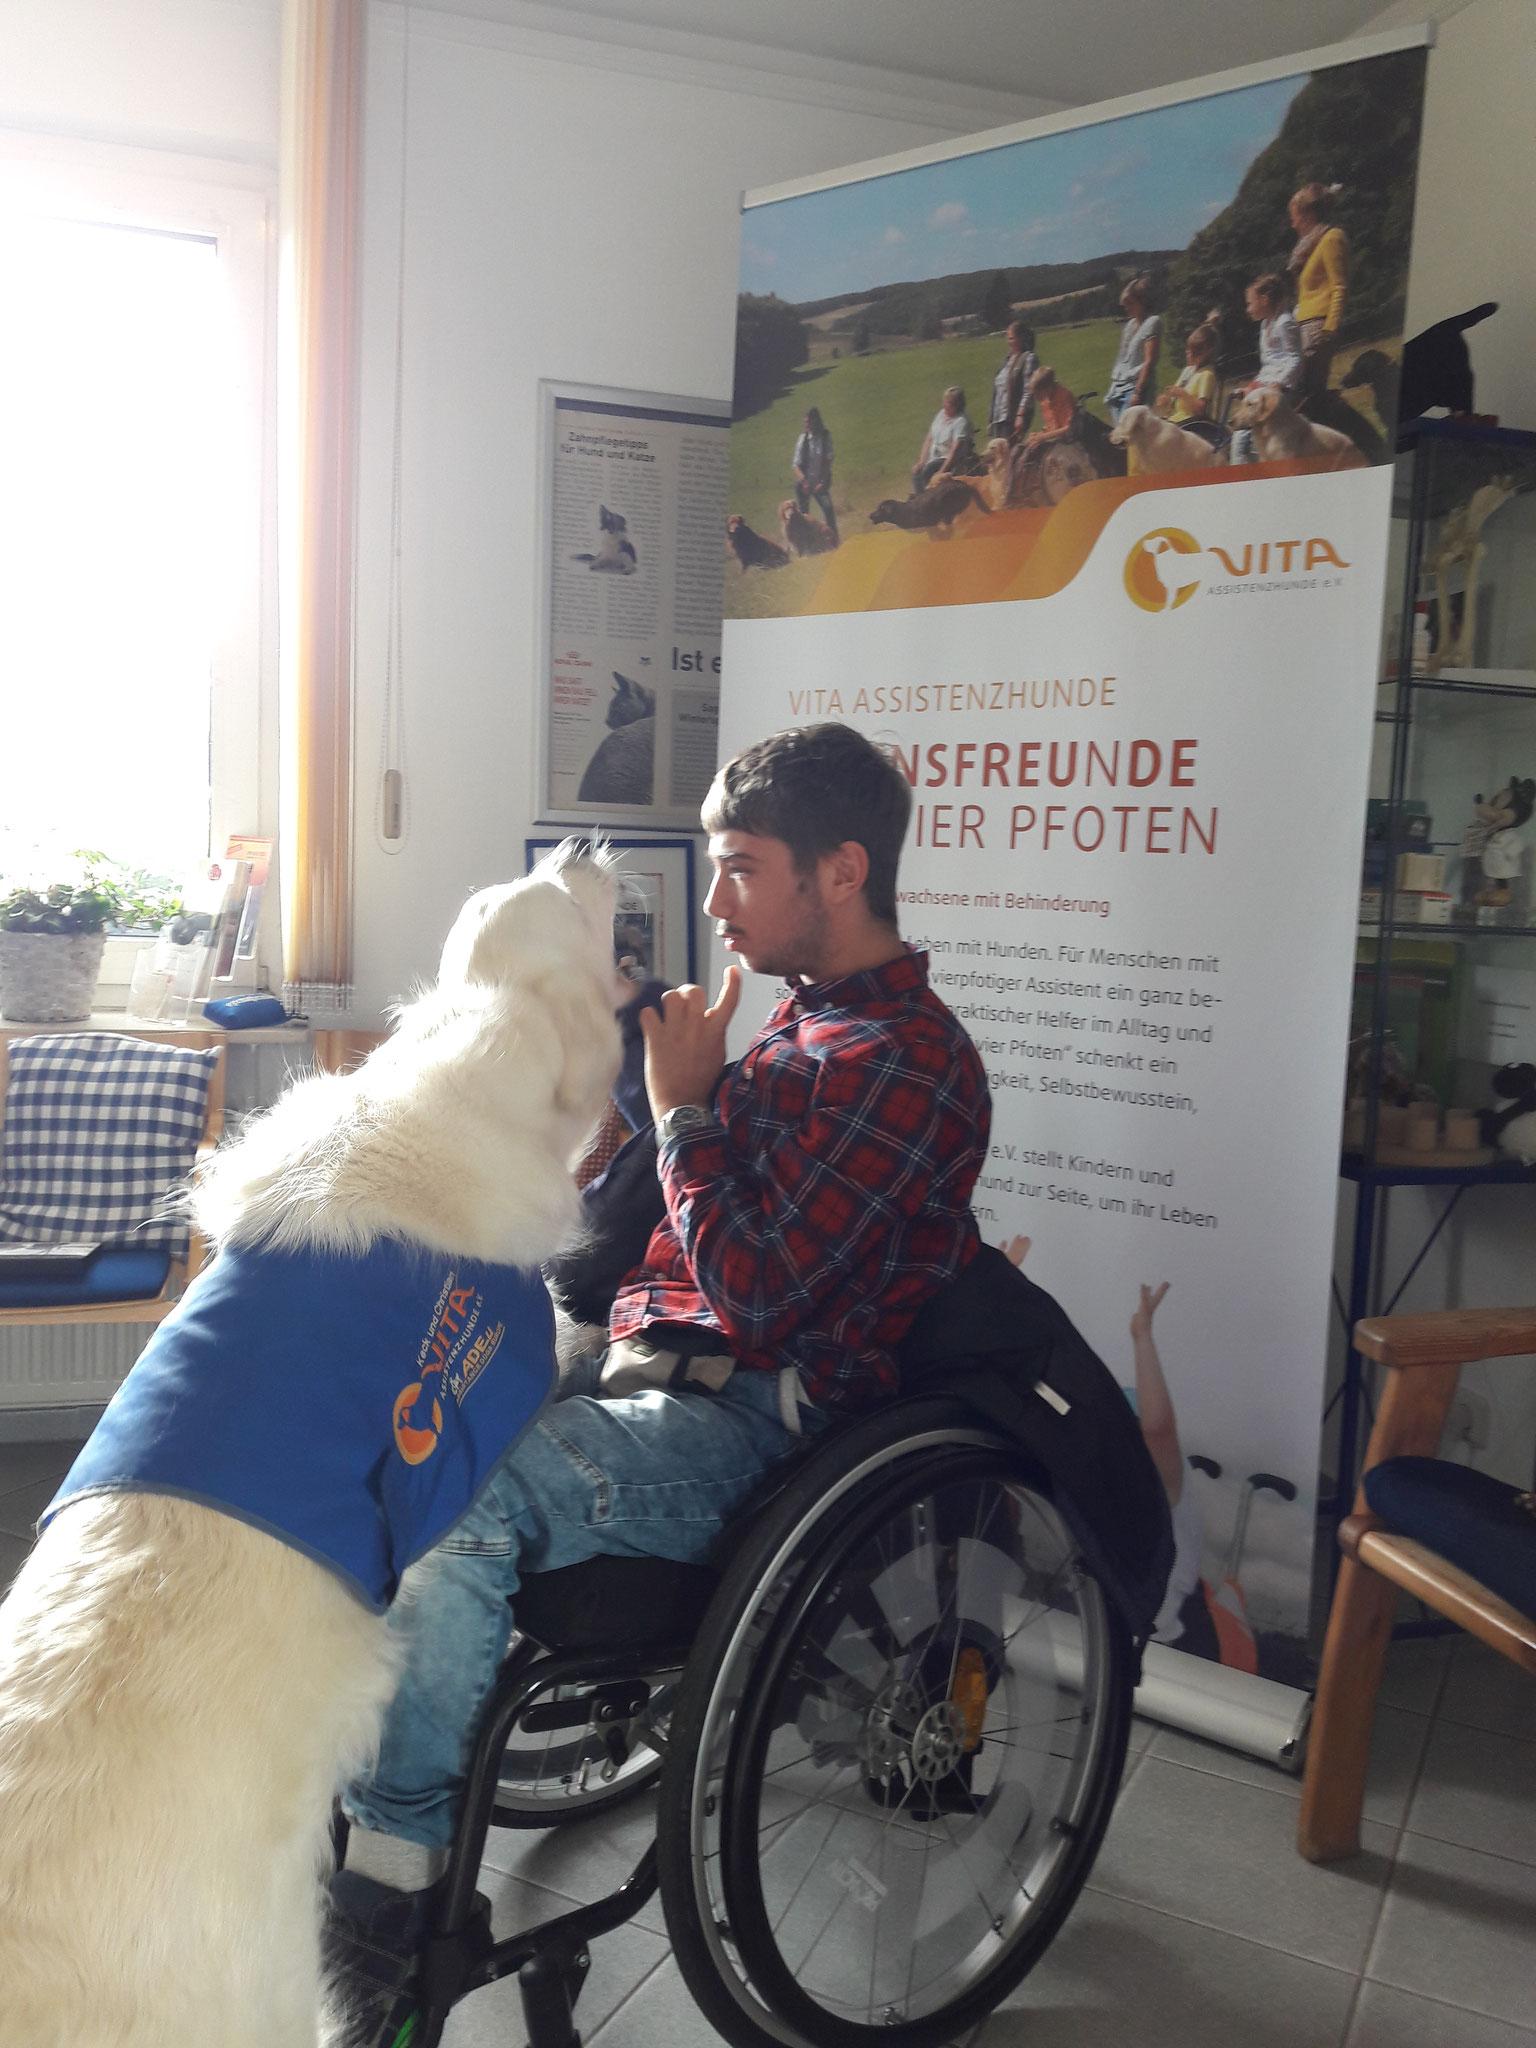 Vita Assistenzhunde e. V. durfte sich über eine Spende von 300 Euro freuen.